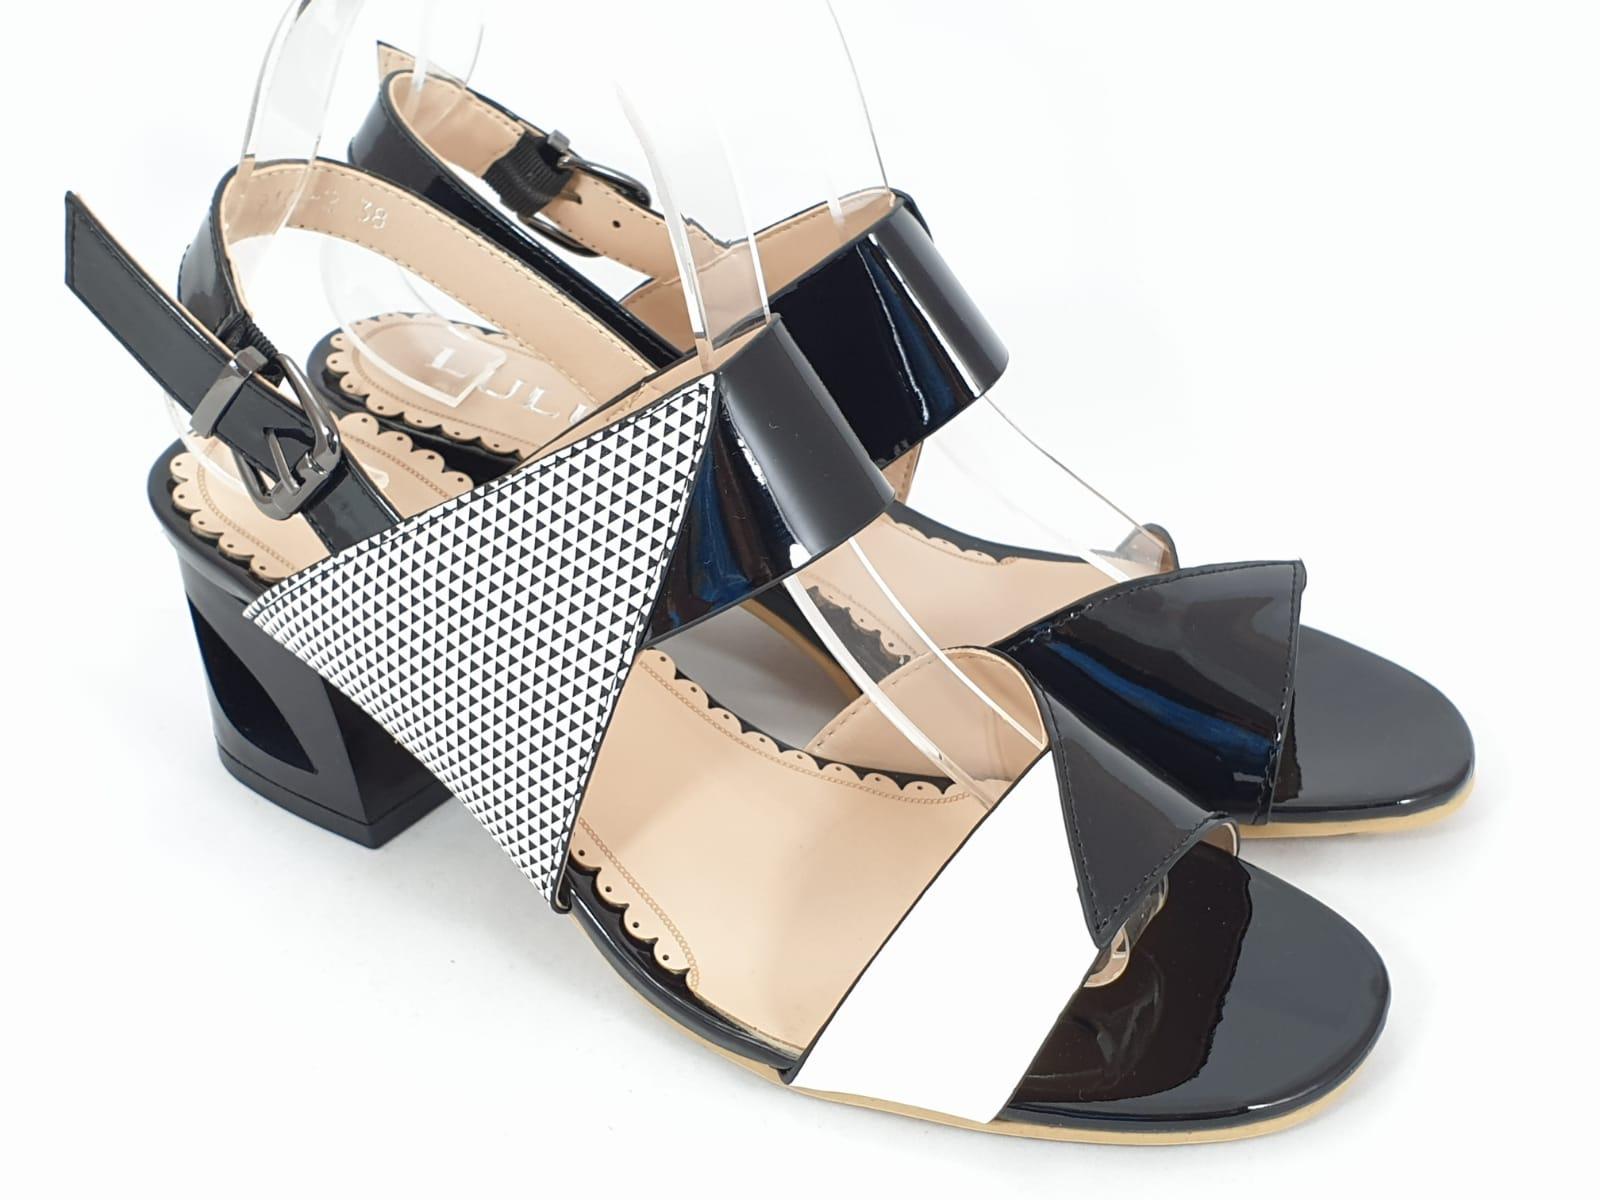 Sandale dama alb cu negru Dorina